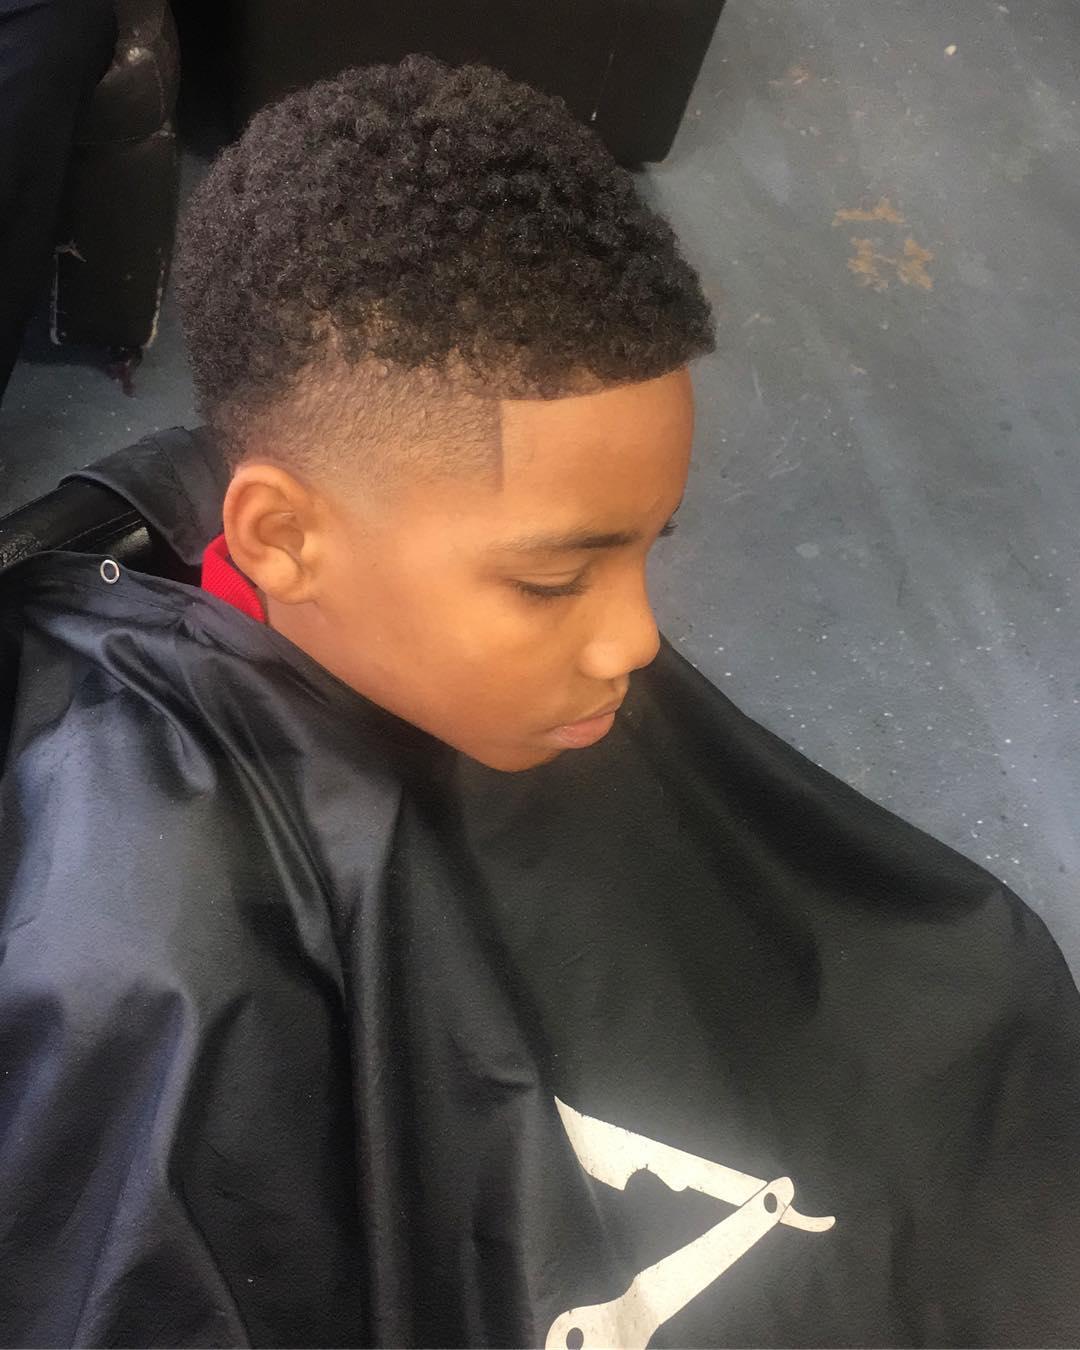 Corte-de-cabelo-masculino-infantil-7-penteados-legais-para-meninos